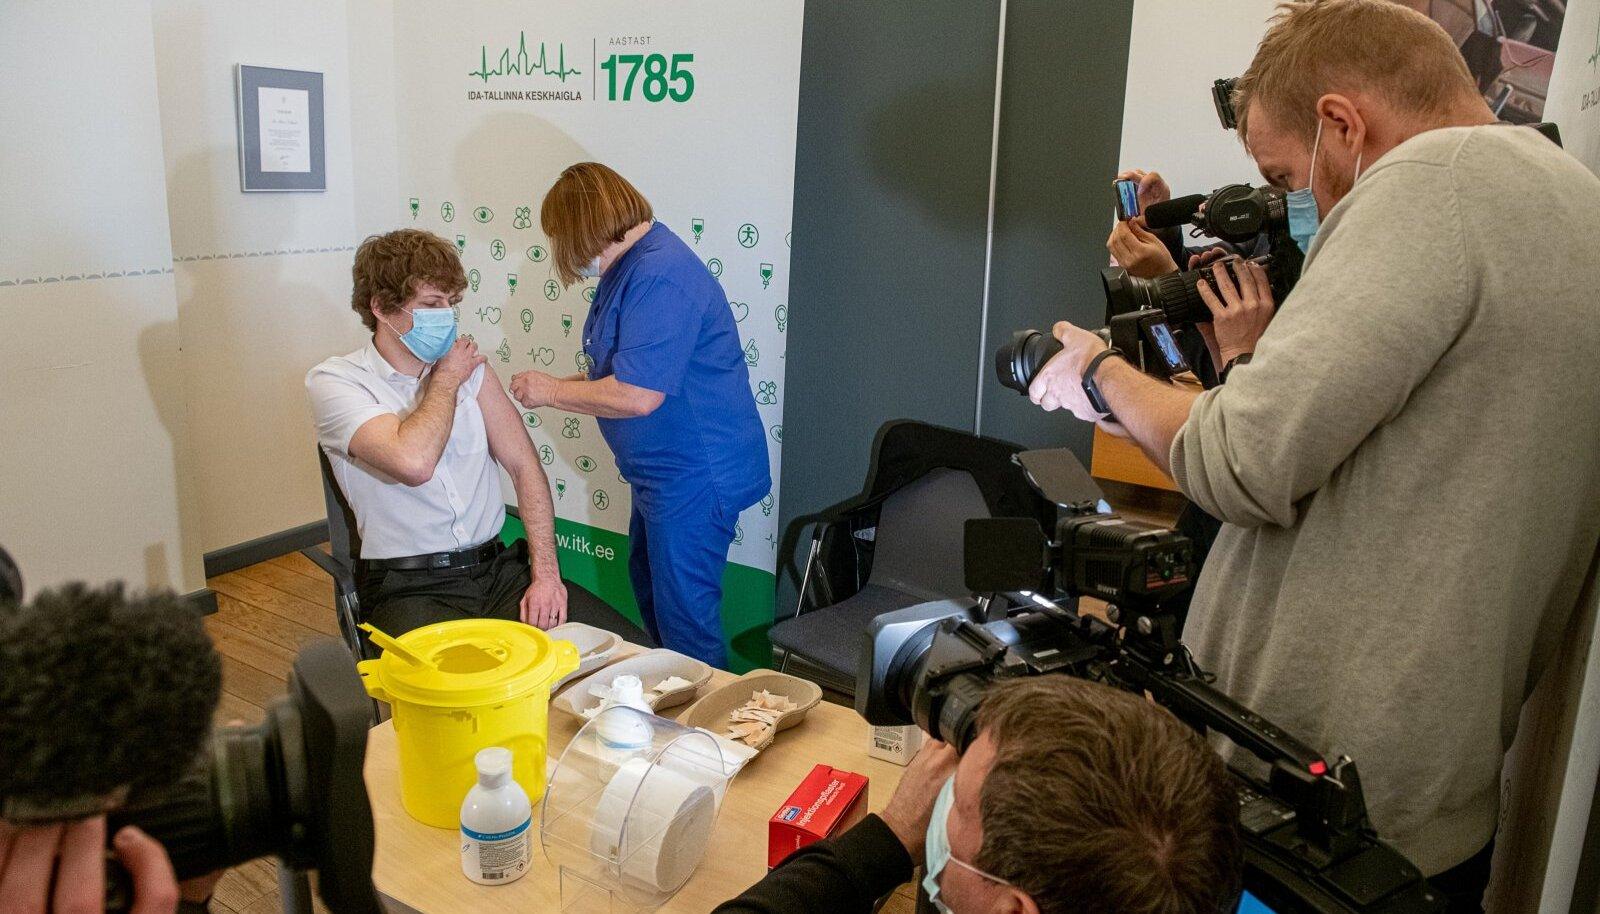 Tervise- ja tööminister Tanel Kiik esimest vaktsiinisüsti saamas.